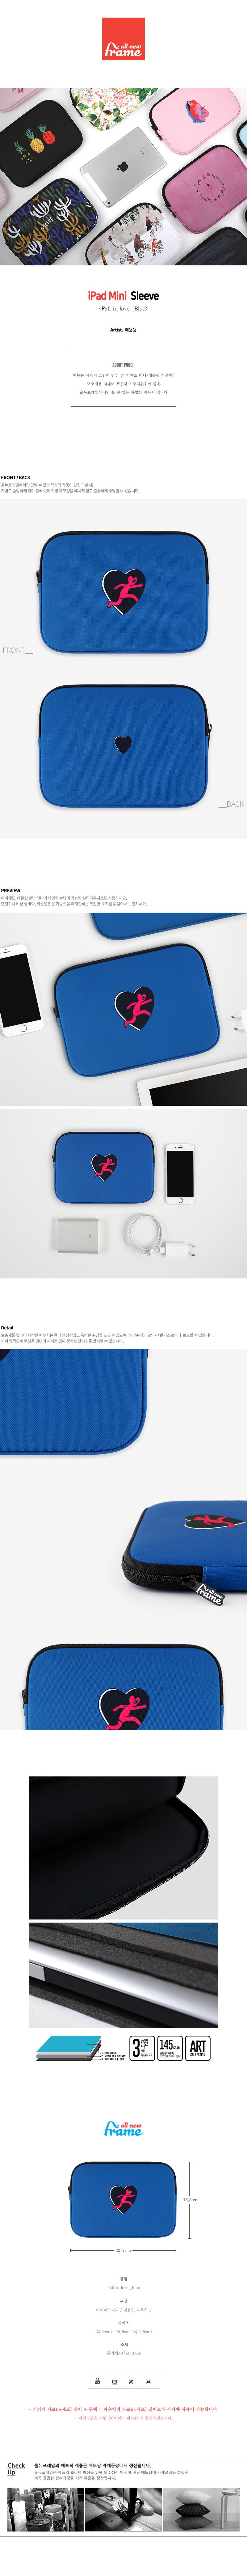 (아이패드미니) Fall in love _Blue - 올뉴프레임, 18,000원, 케이스, 아이패드/미니